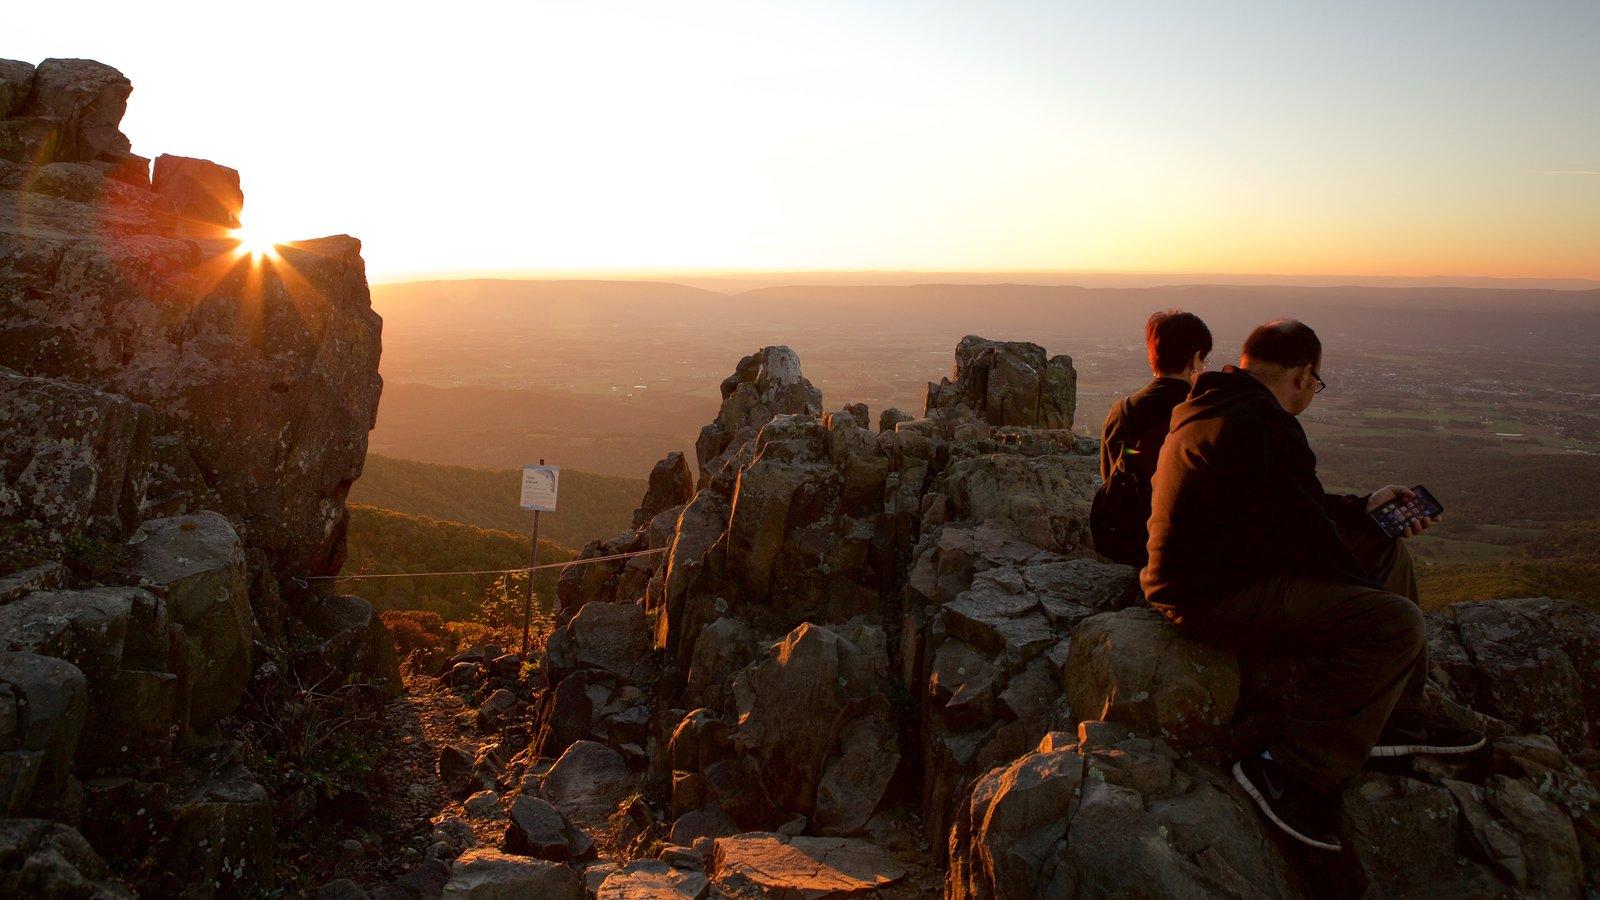 Parque Nacional Shenandoah que incluye montañas y una puesta de sol y también una pareja